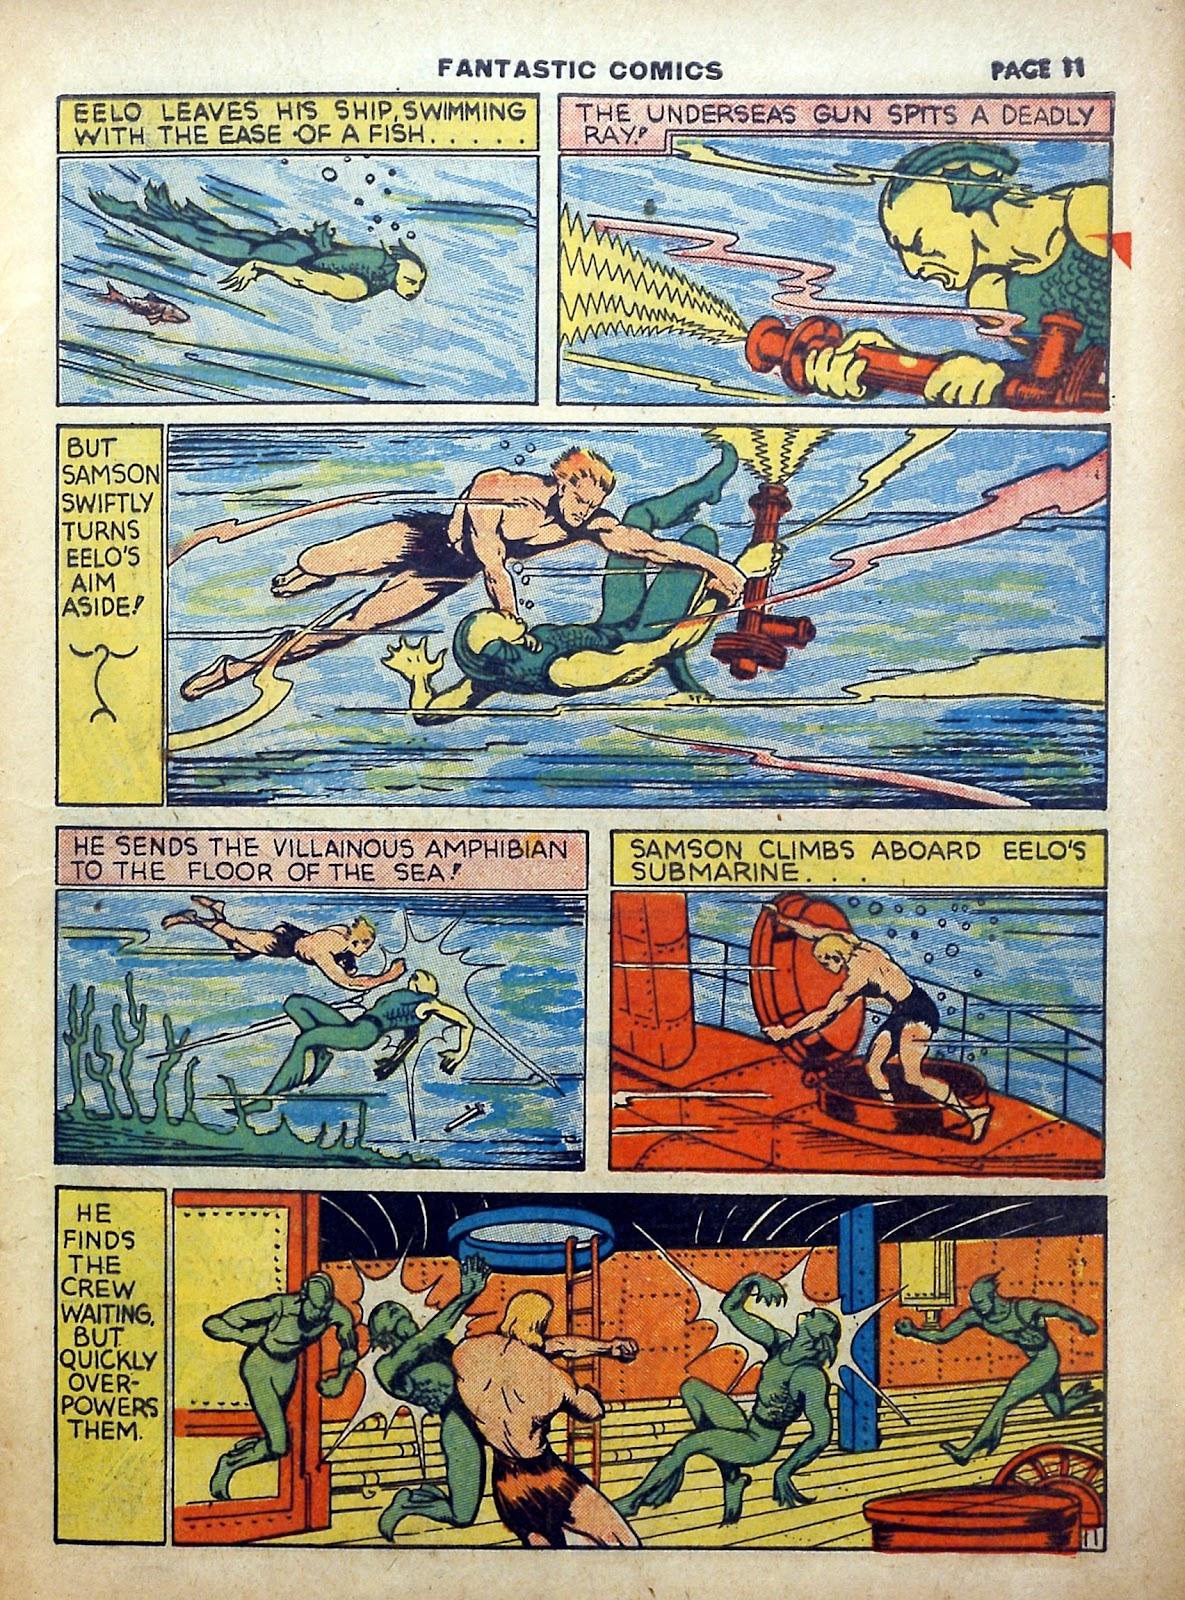 Read online Fantastic Comics comic -  Issue #5 - 12